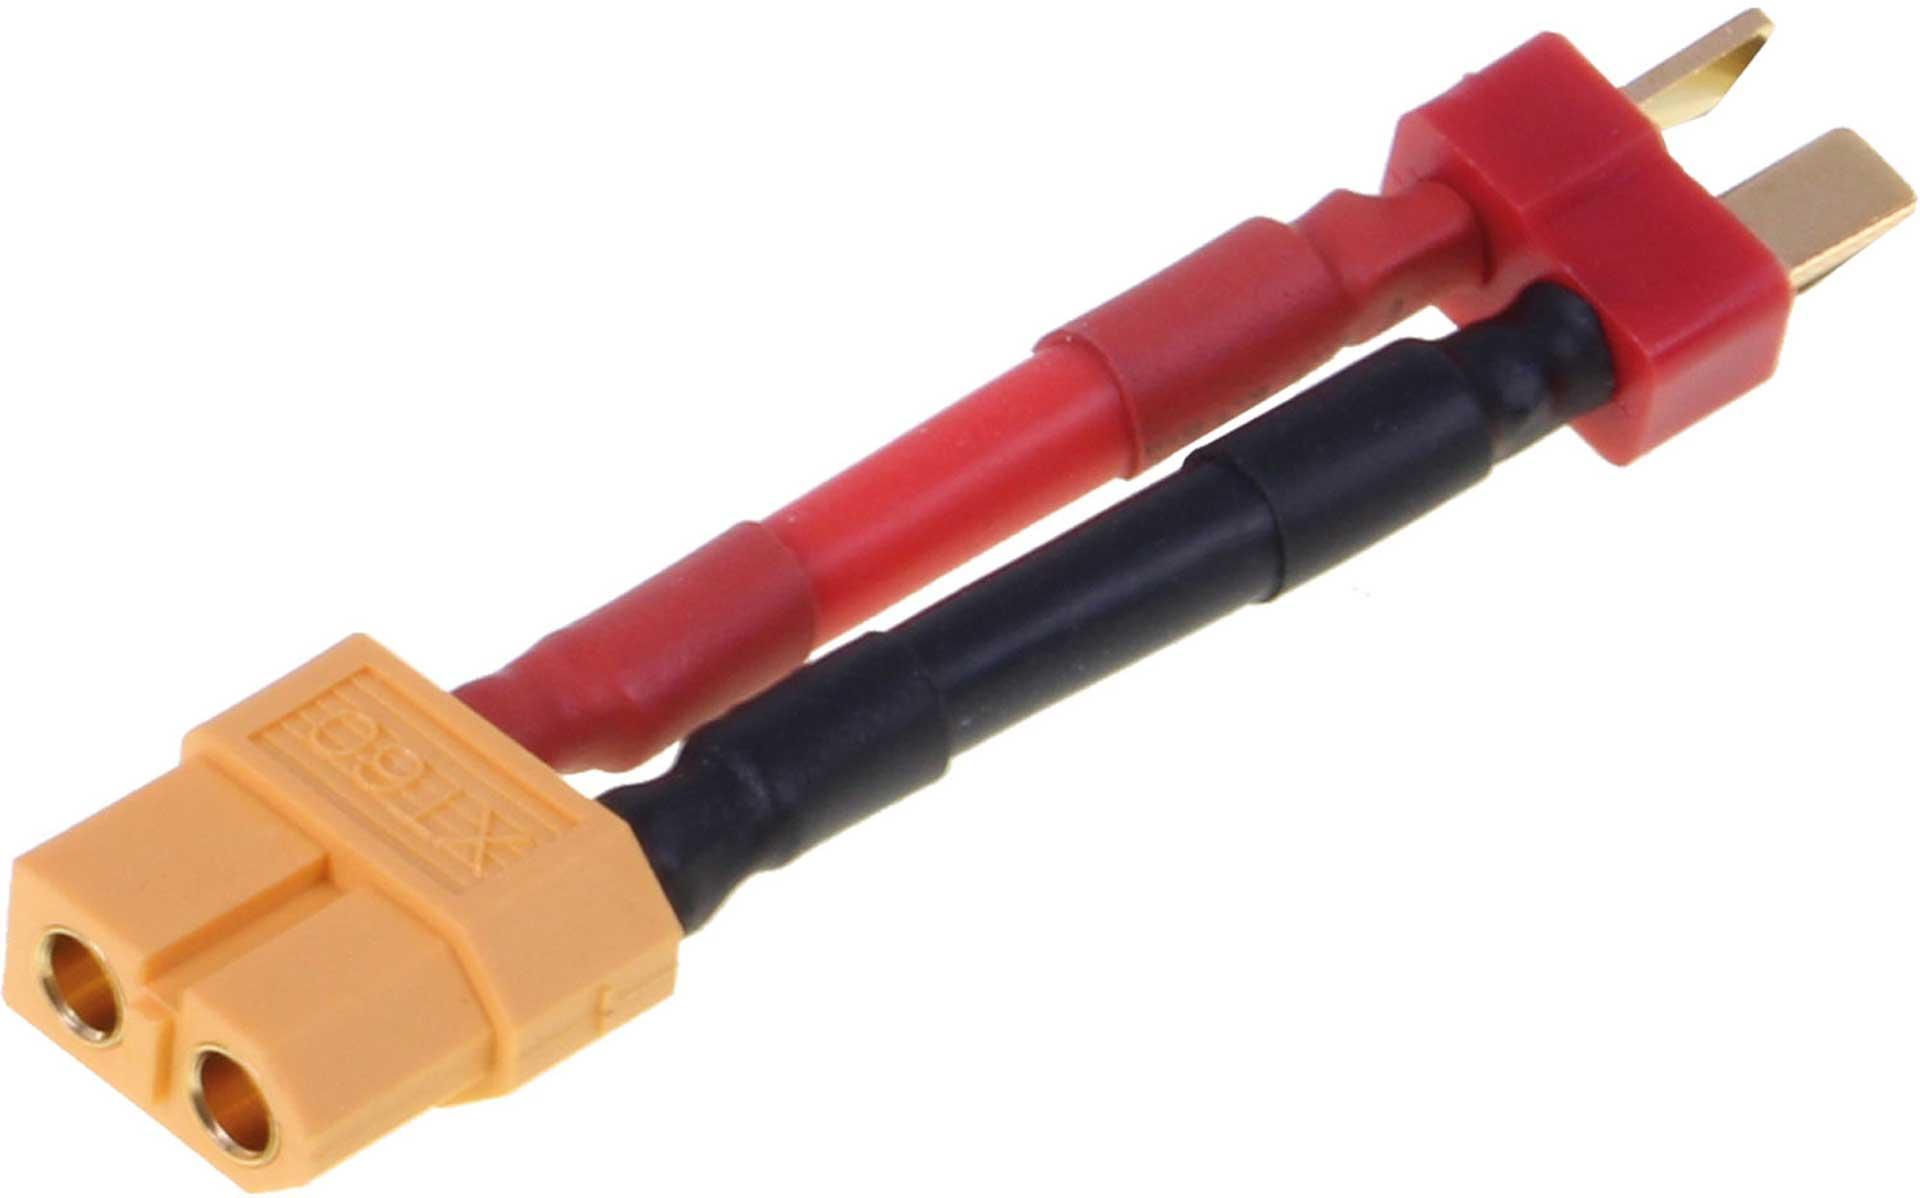 ROBBE ADAPTERKABEL T STECKER AUF XT-60 BUCHSE 12AWG/3,3MM¶ý 30MM 1STK.